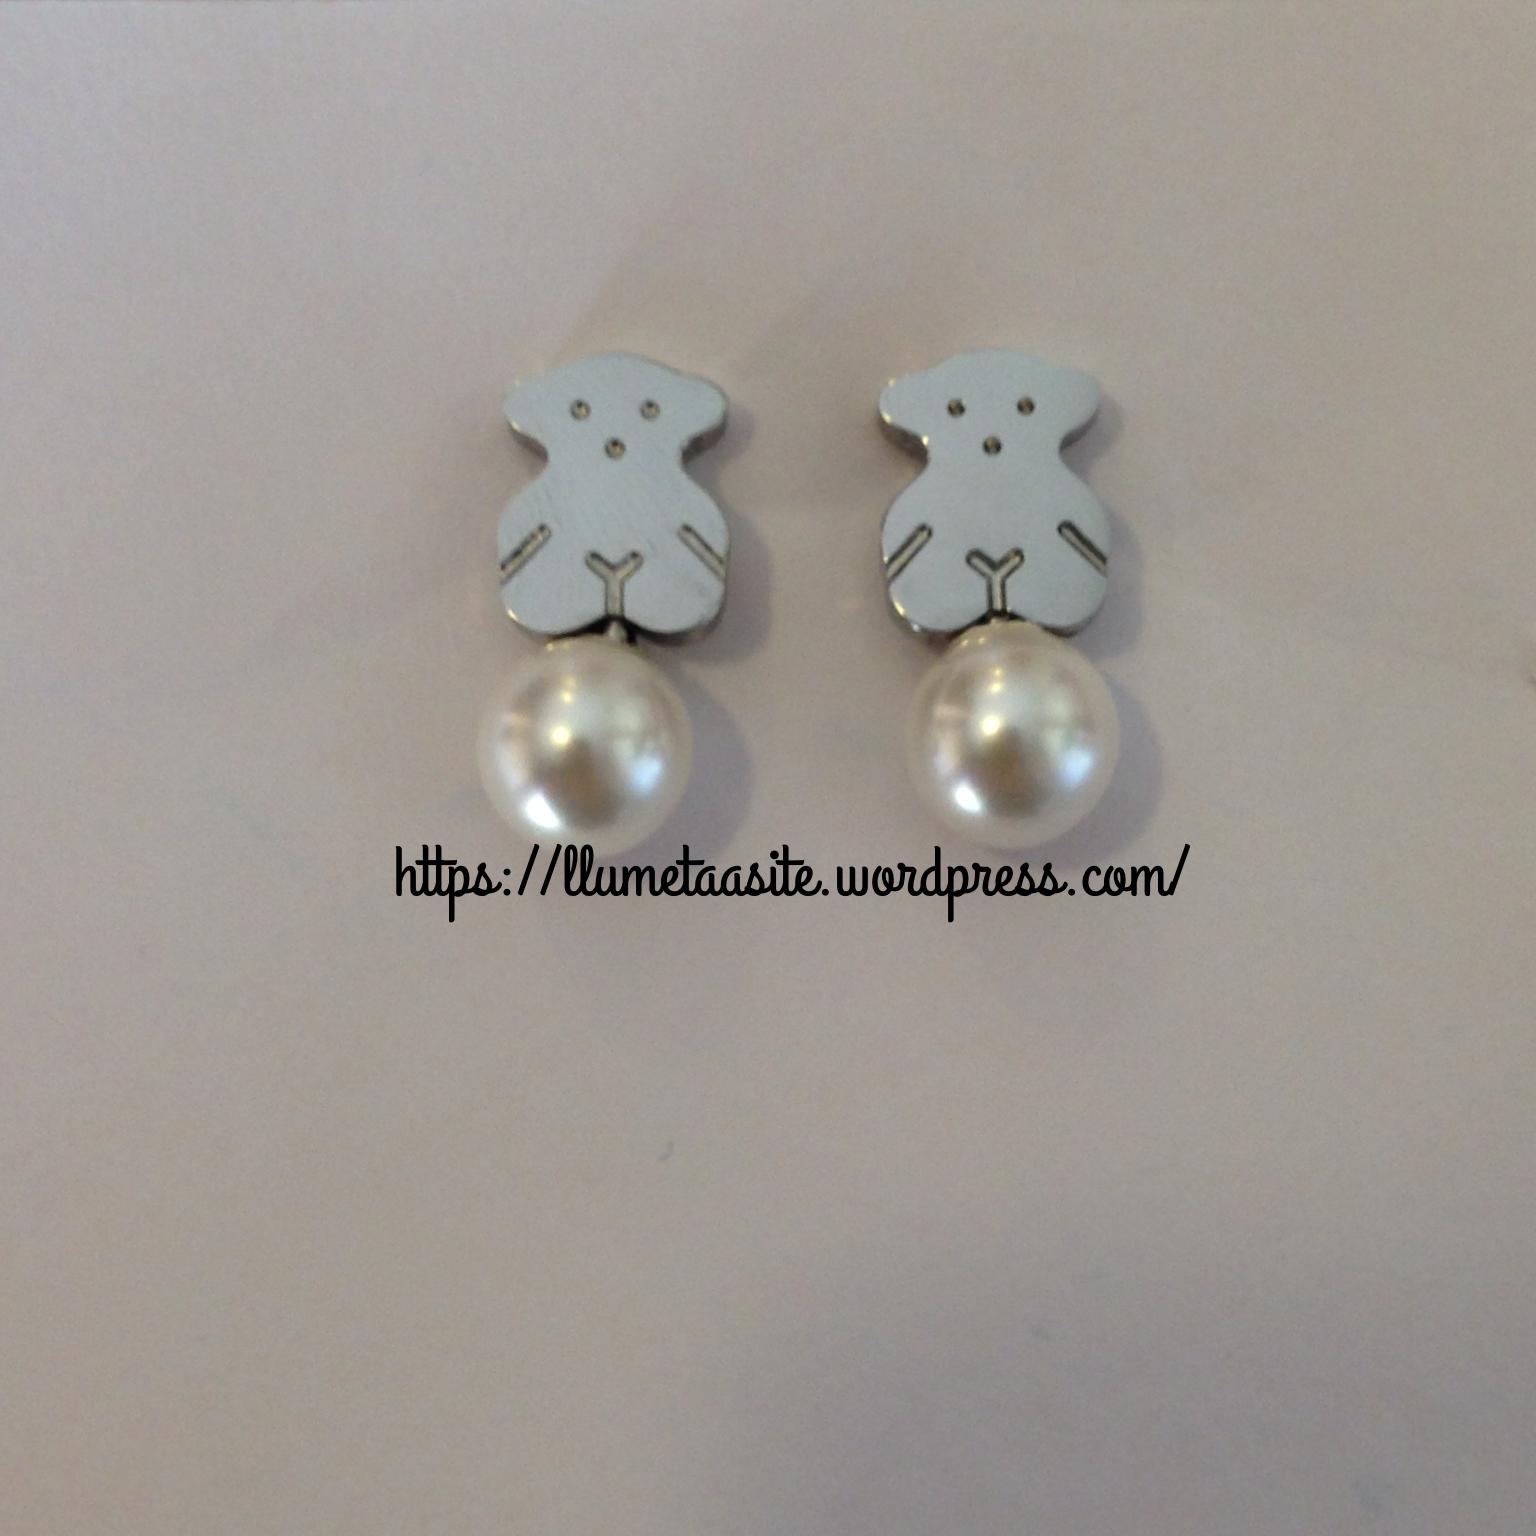 Y por último estos pendientes de perla, no son tan pequeños como los negro del anterior Post. En el anuncio hay diferente modelos.